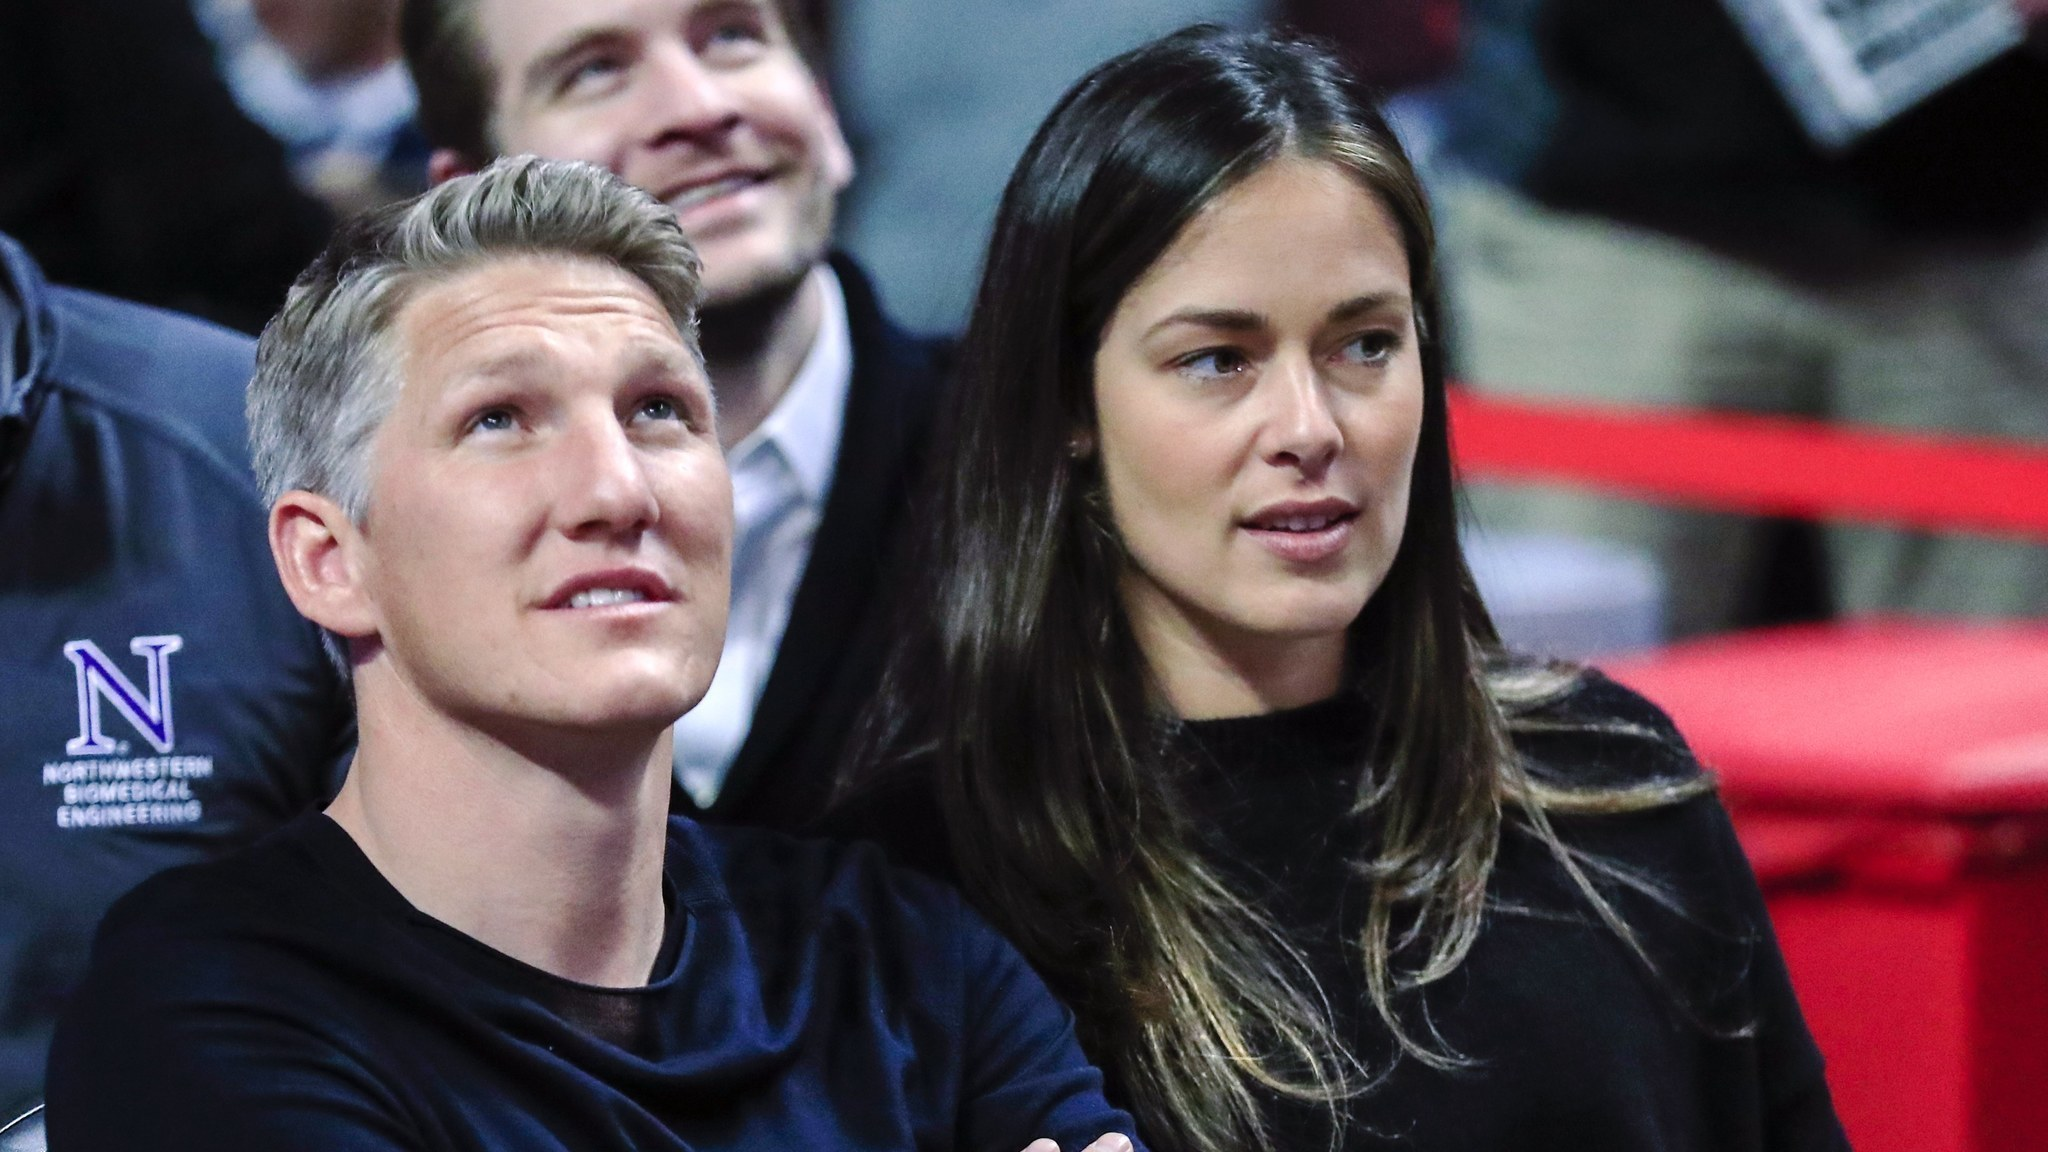 Anunţ oficial făcut de WTA. Ce se întâmplă în cuplul Ana Ivanovic - Bastian Schweinsteiger